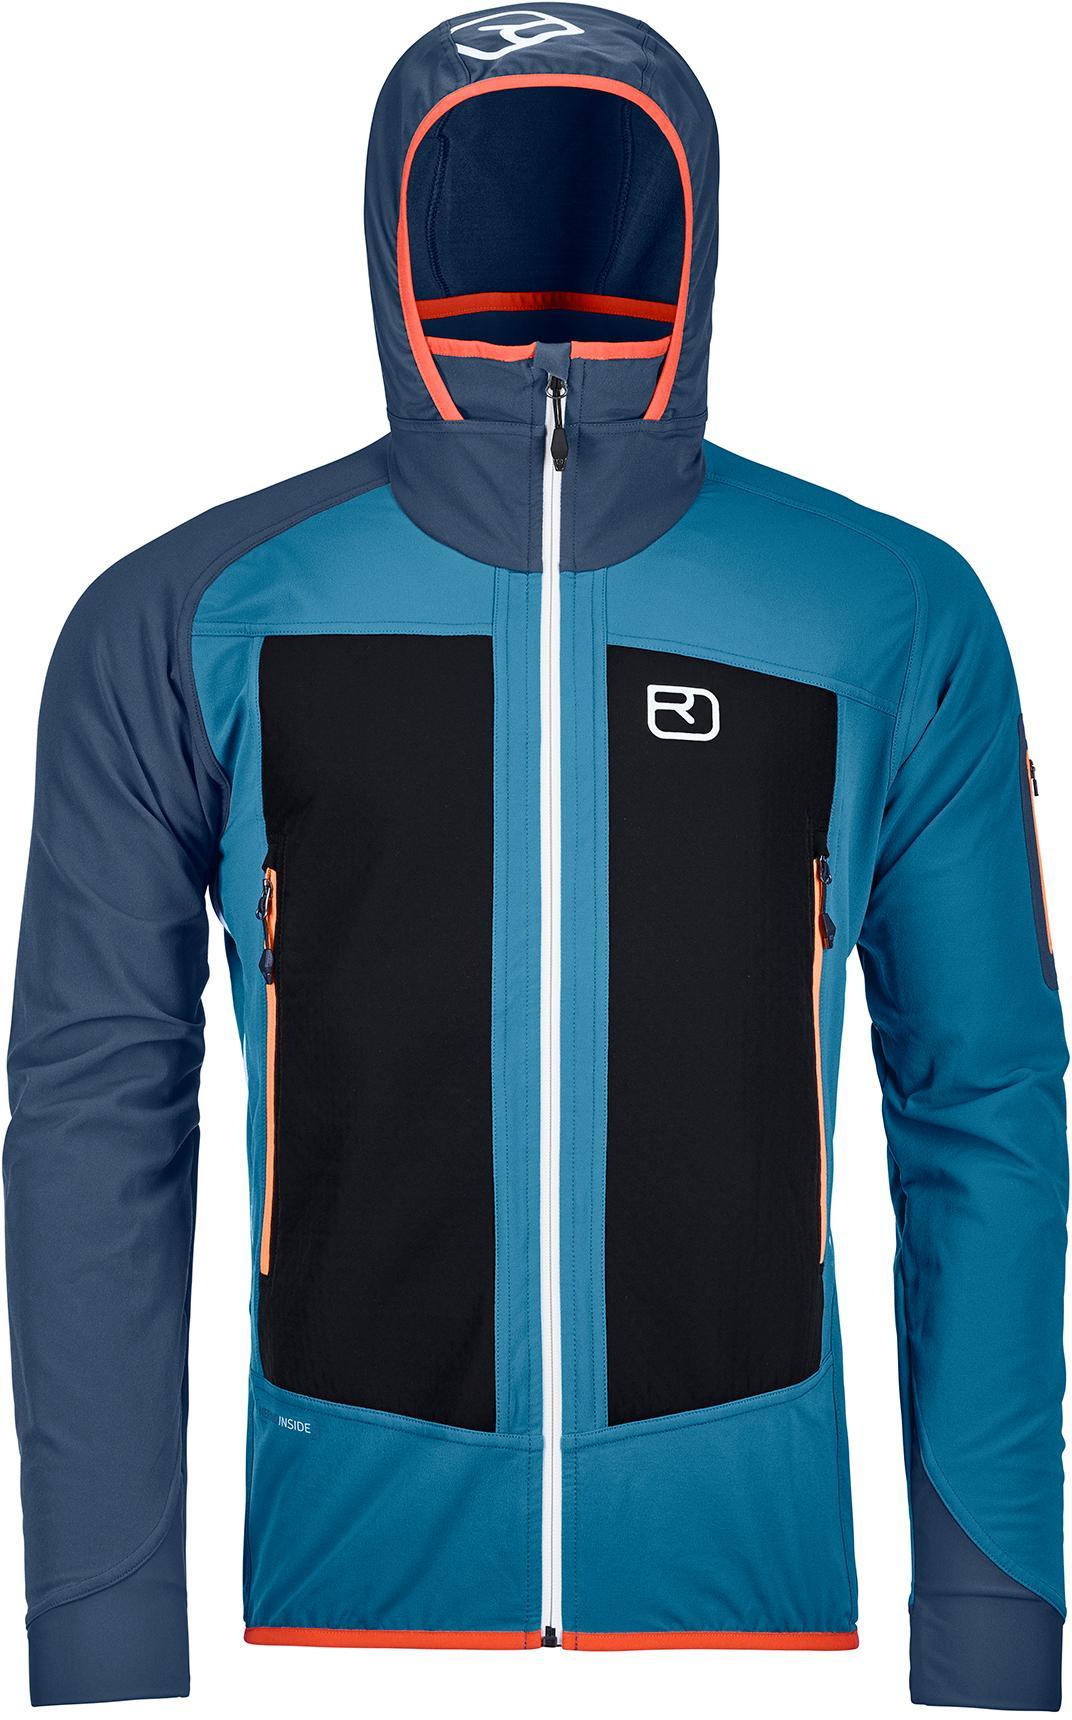 Ortovox Shop | Bergsportausstattung online bei SportScheck